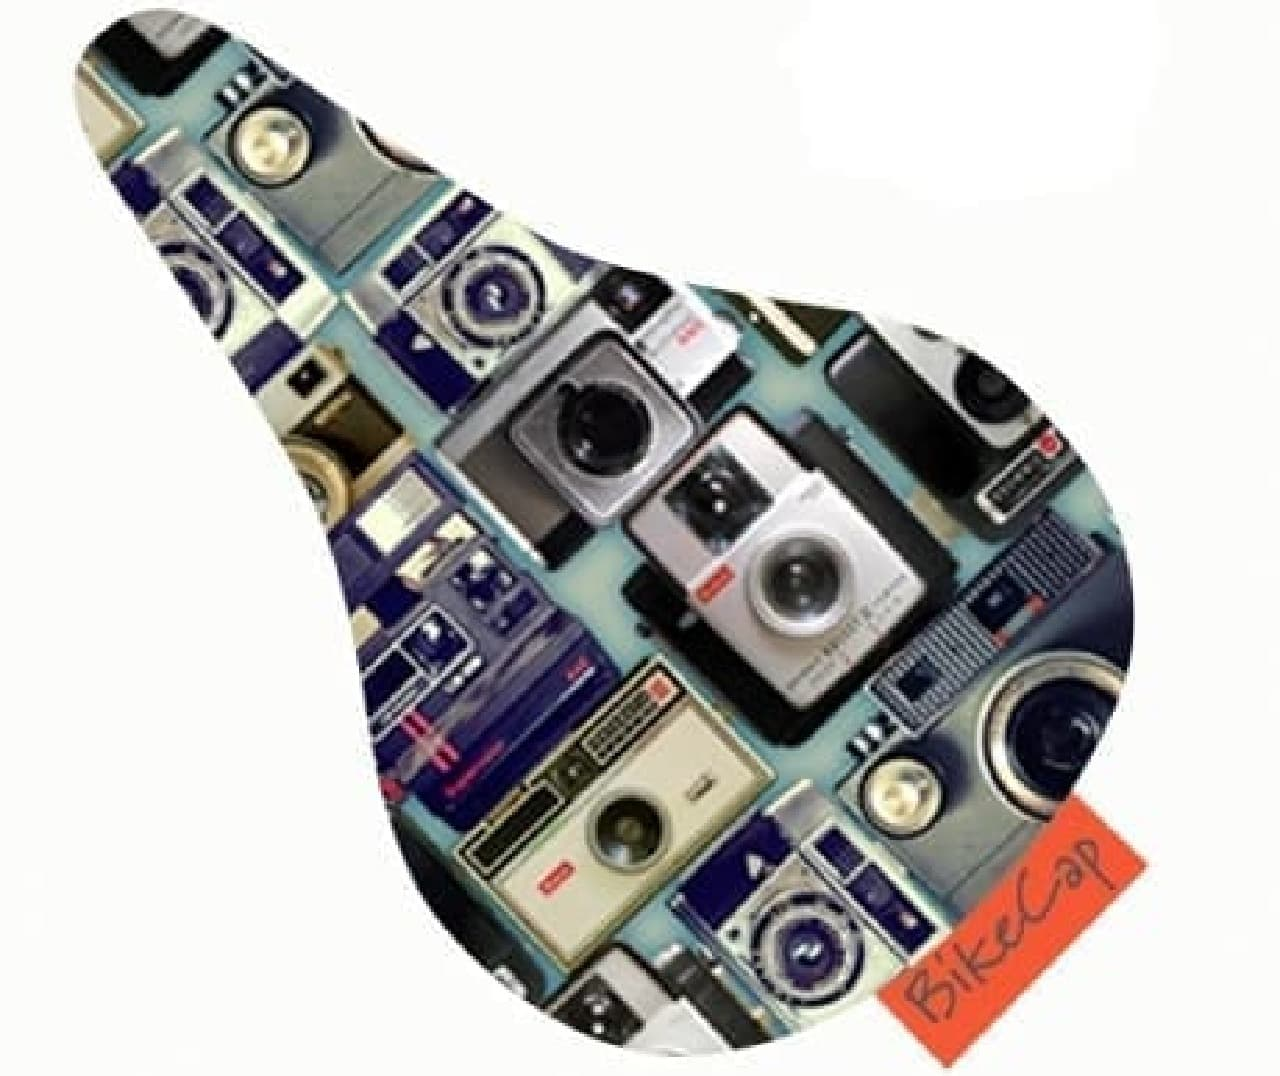 カメラデがザインされたサドルカバー「テイクアピクチャー」